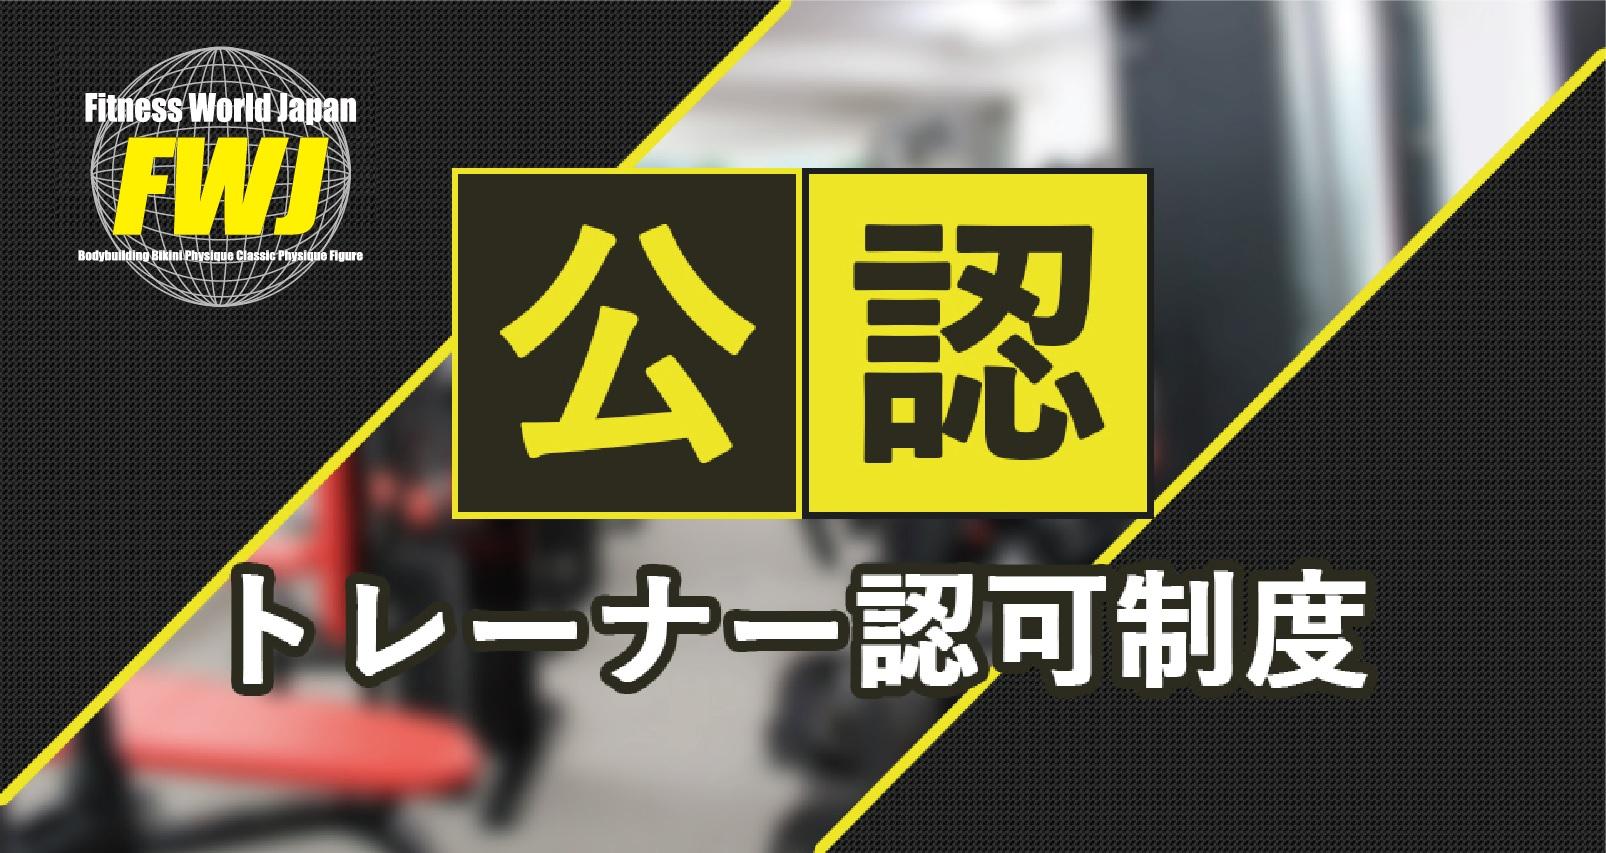 FWJ 公認ポージング講師取得及び更新講習会(女性部門)開催のお知らせ 2/15